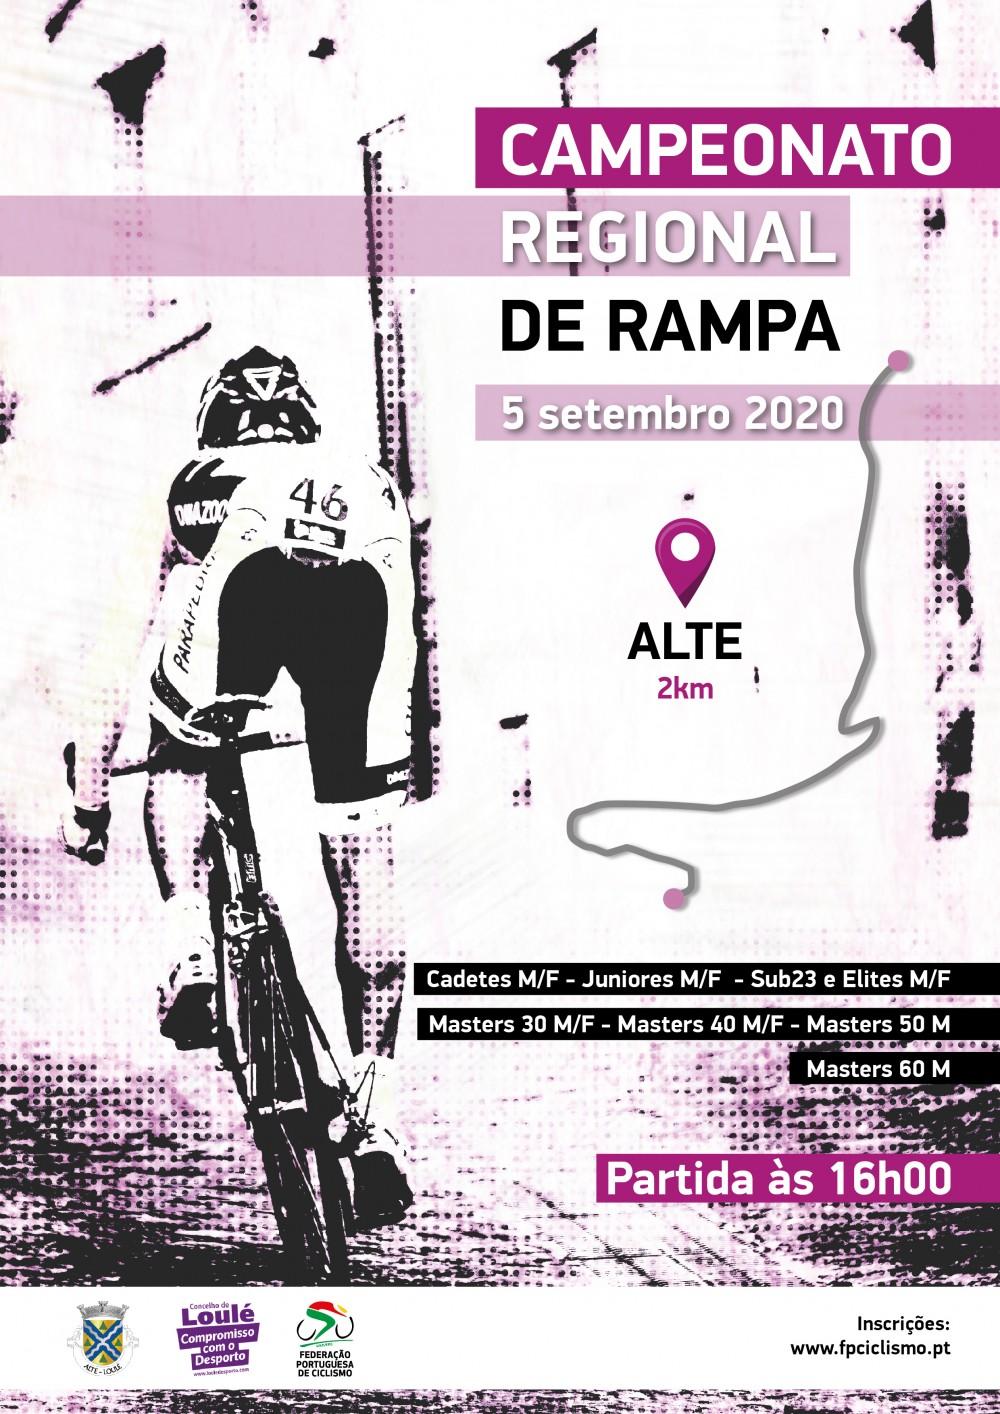 Campeonato regional de Rampa - Algarve